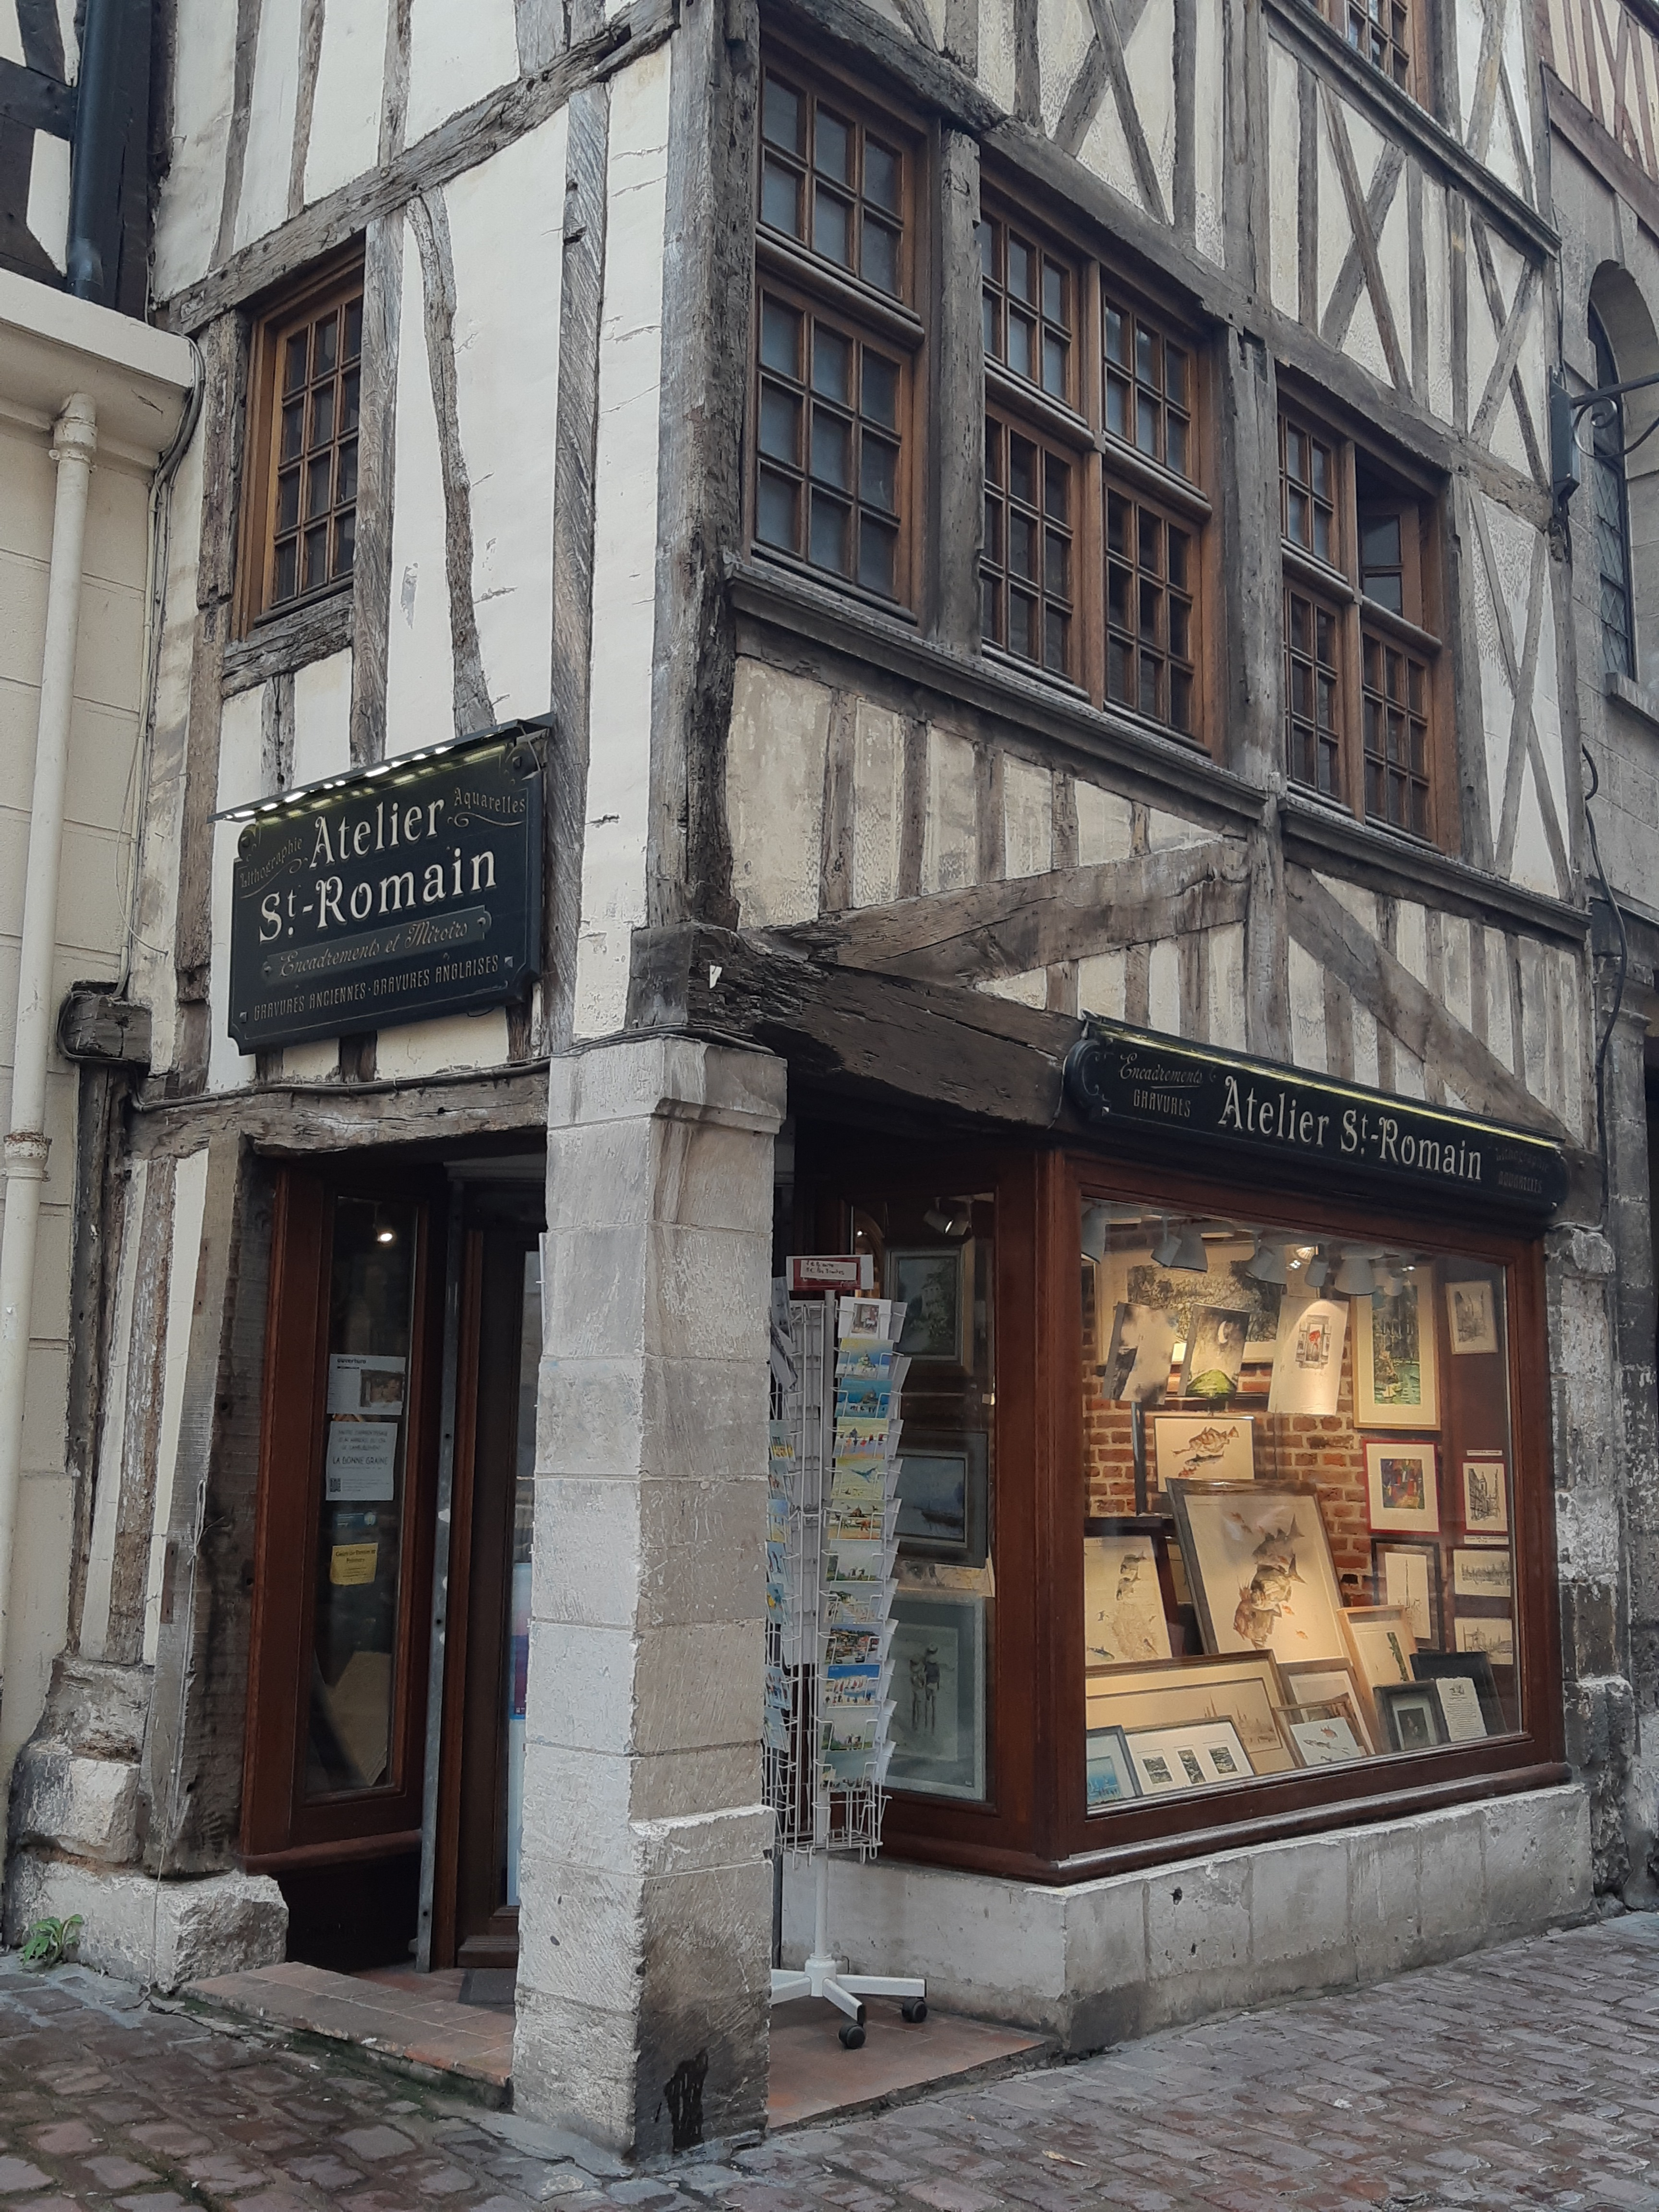 Le charme des ruelles de Rouen